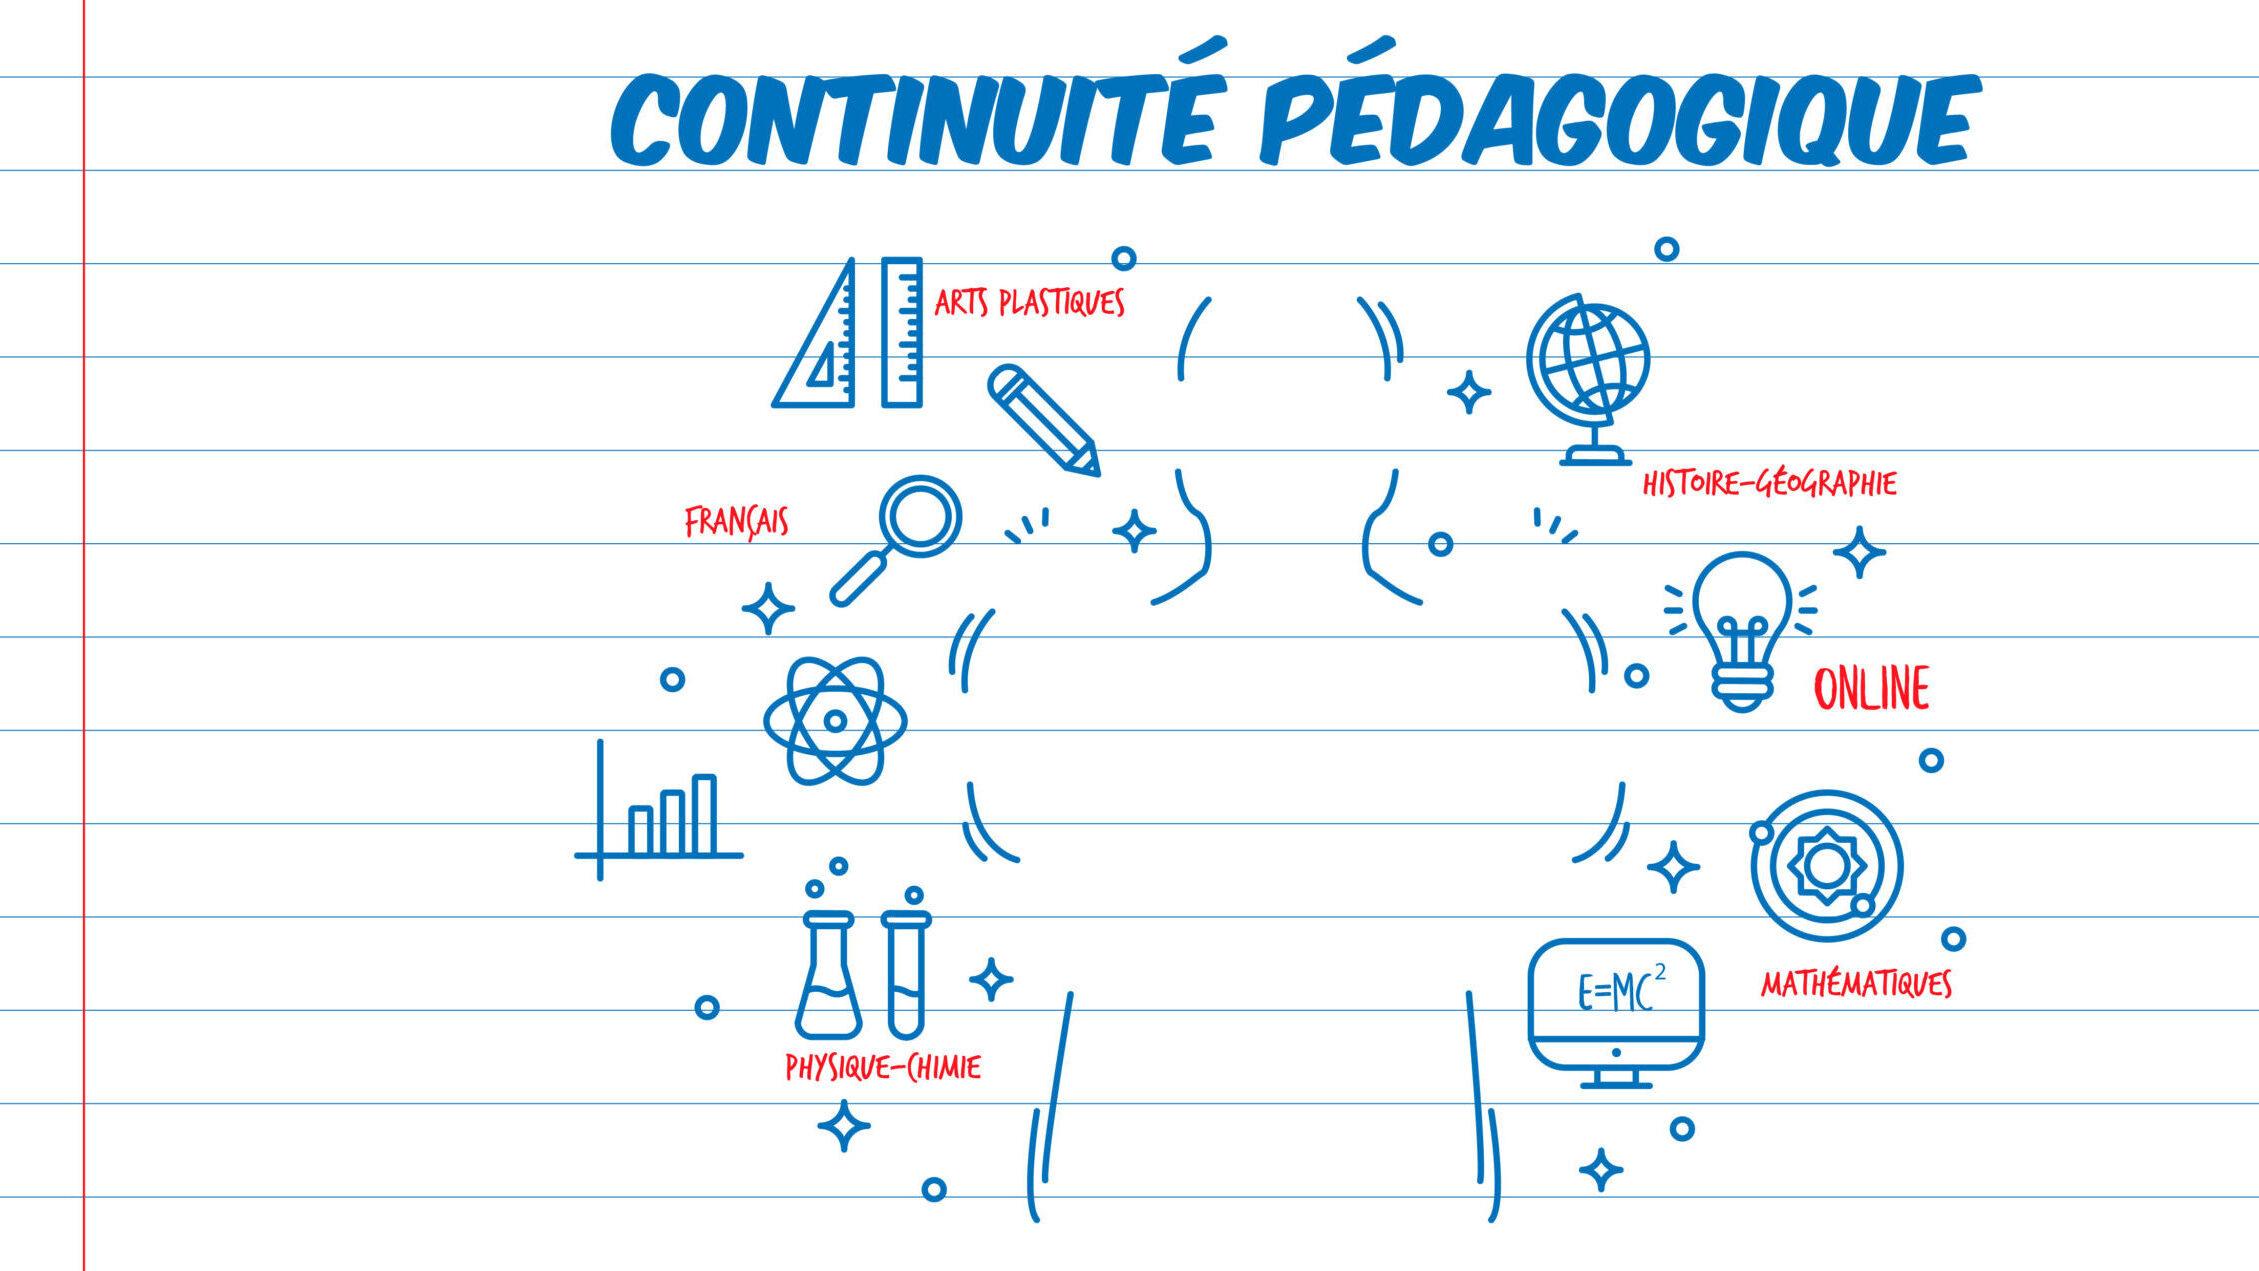 continuite pedagogique.jpg